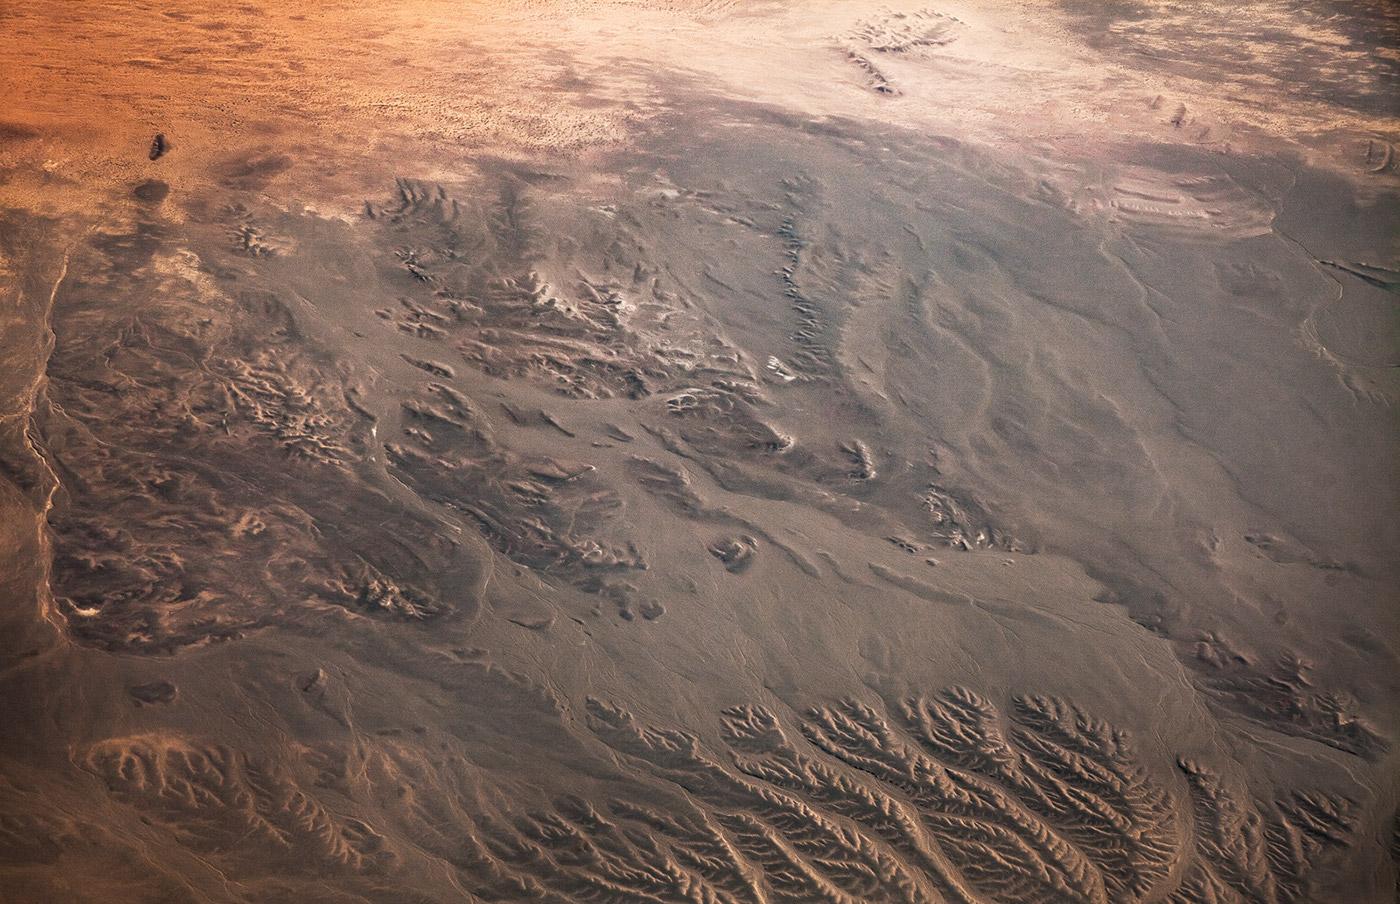 mars landscape materials - HD1400×904